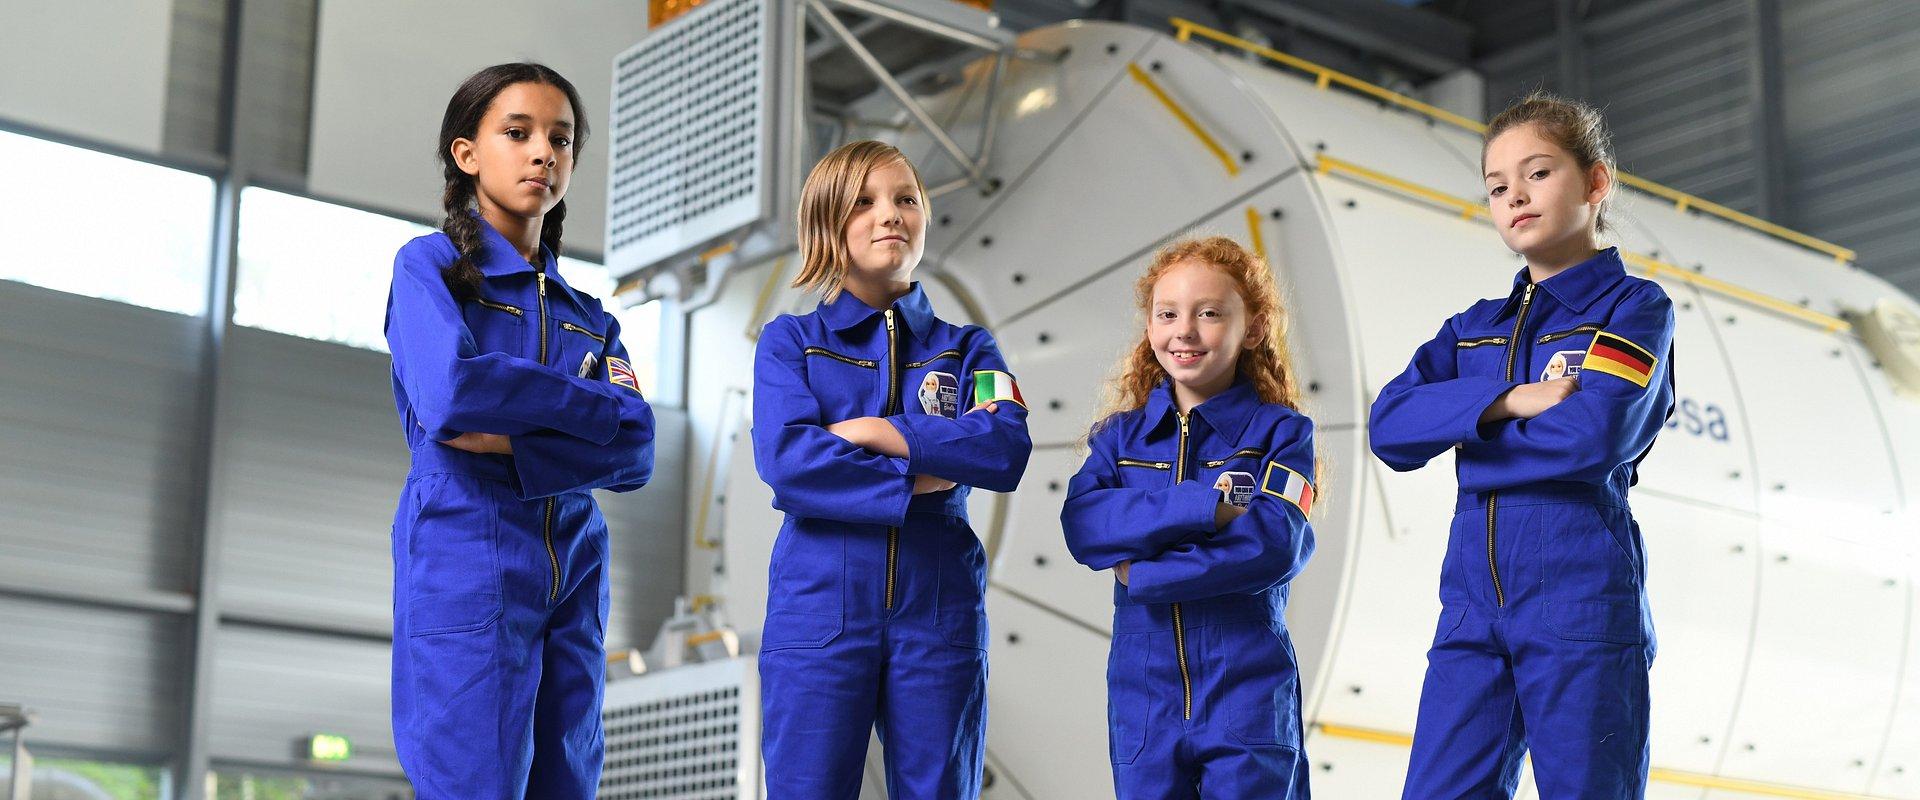 Barbie i Europejska Agencja Kosmiczna ogłaszają współpracę i zachęcają dziewczynki, by zostały astronautkami, inżynierami i badaczami kosmosu